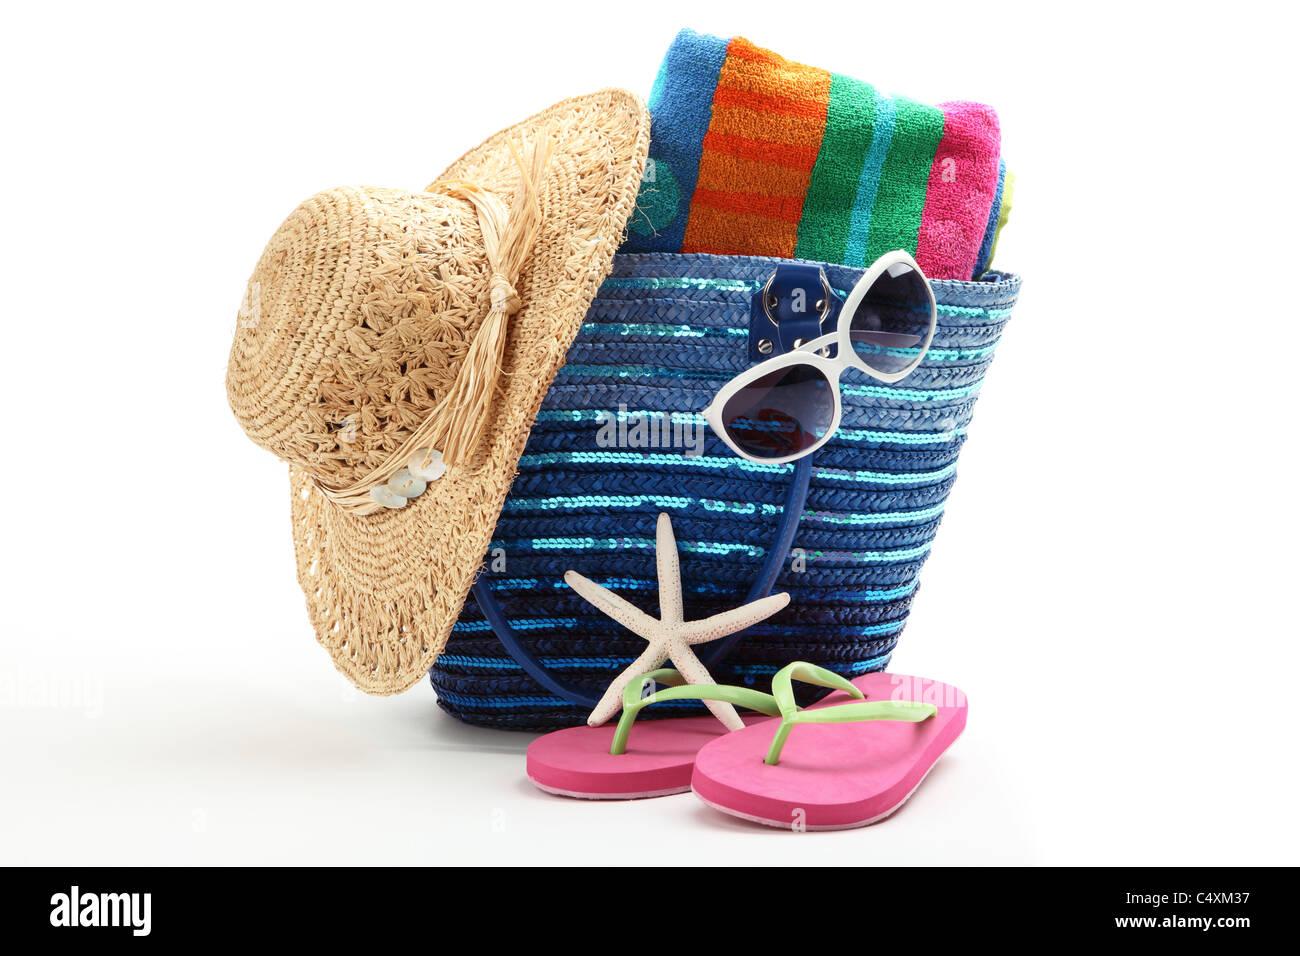 Sac de plage avec chapeau de paille,serviette,tongs et lunettes.isolé sur fond blanc. Banque D'Images